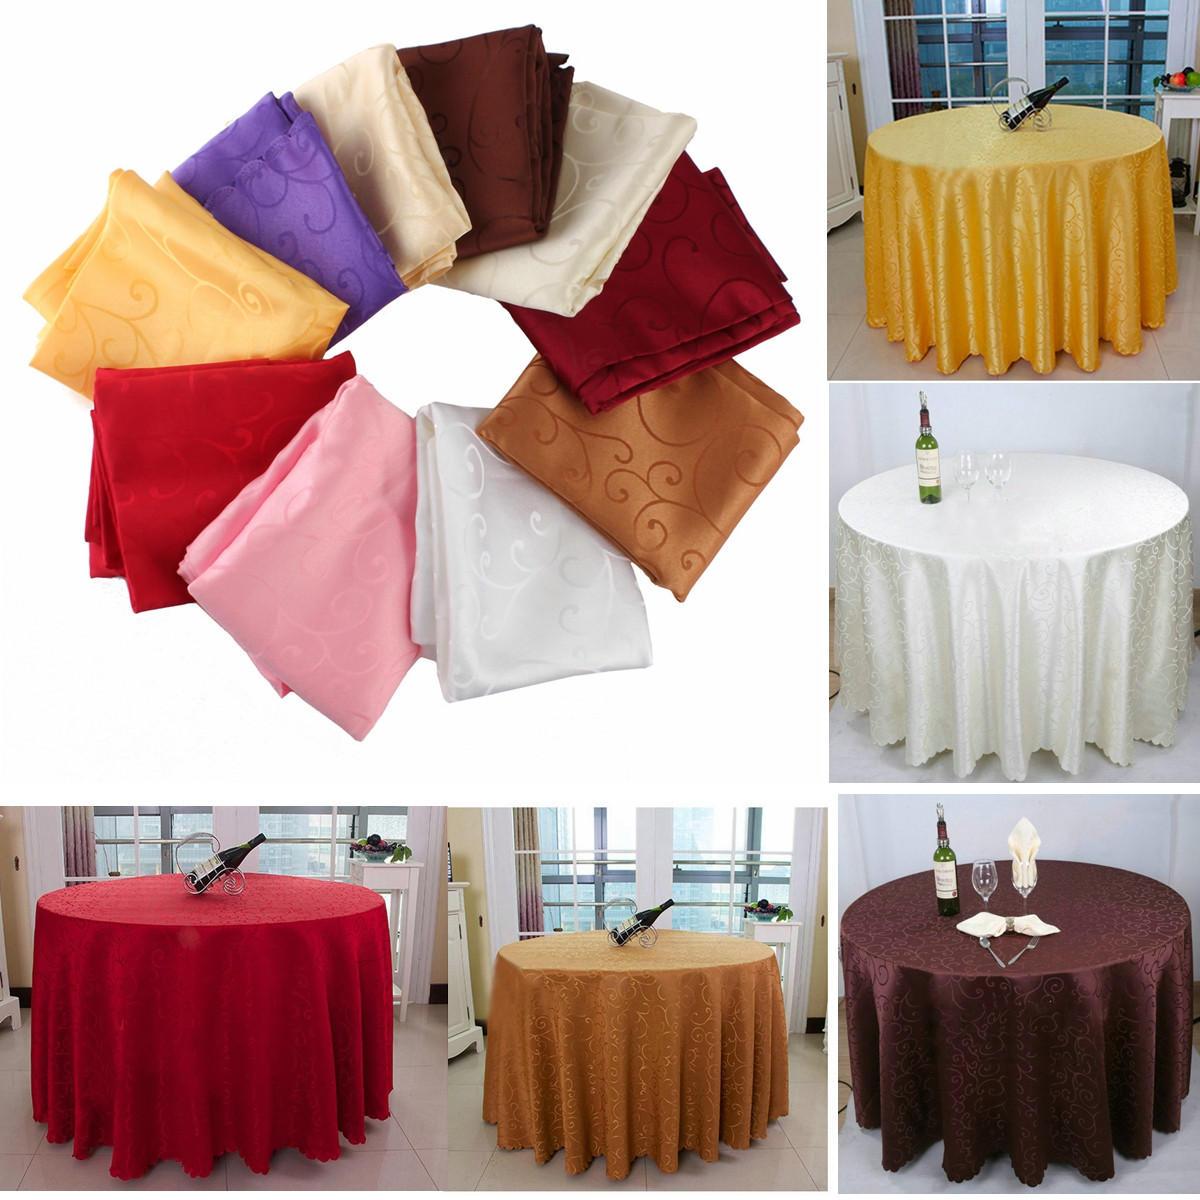 Mantel Redondo Fmdf 200cm De Polià Ster Mantel Redondo Absorbente De Hotel Restaurante La